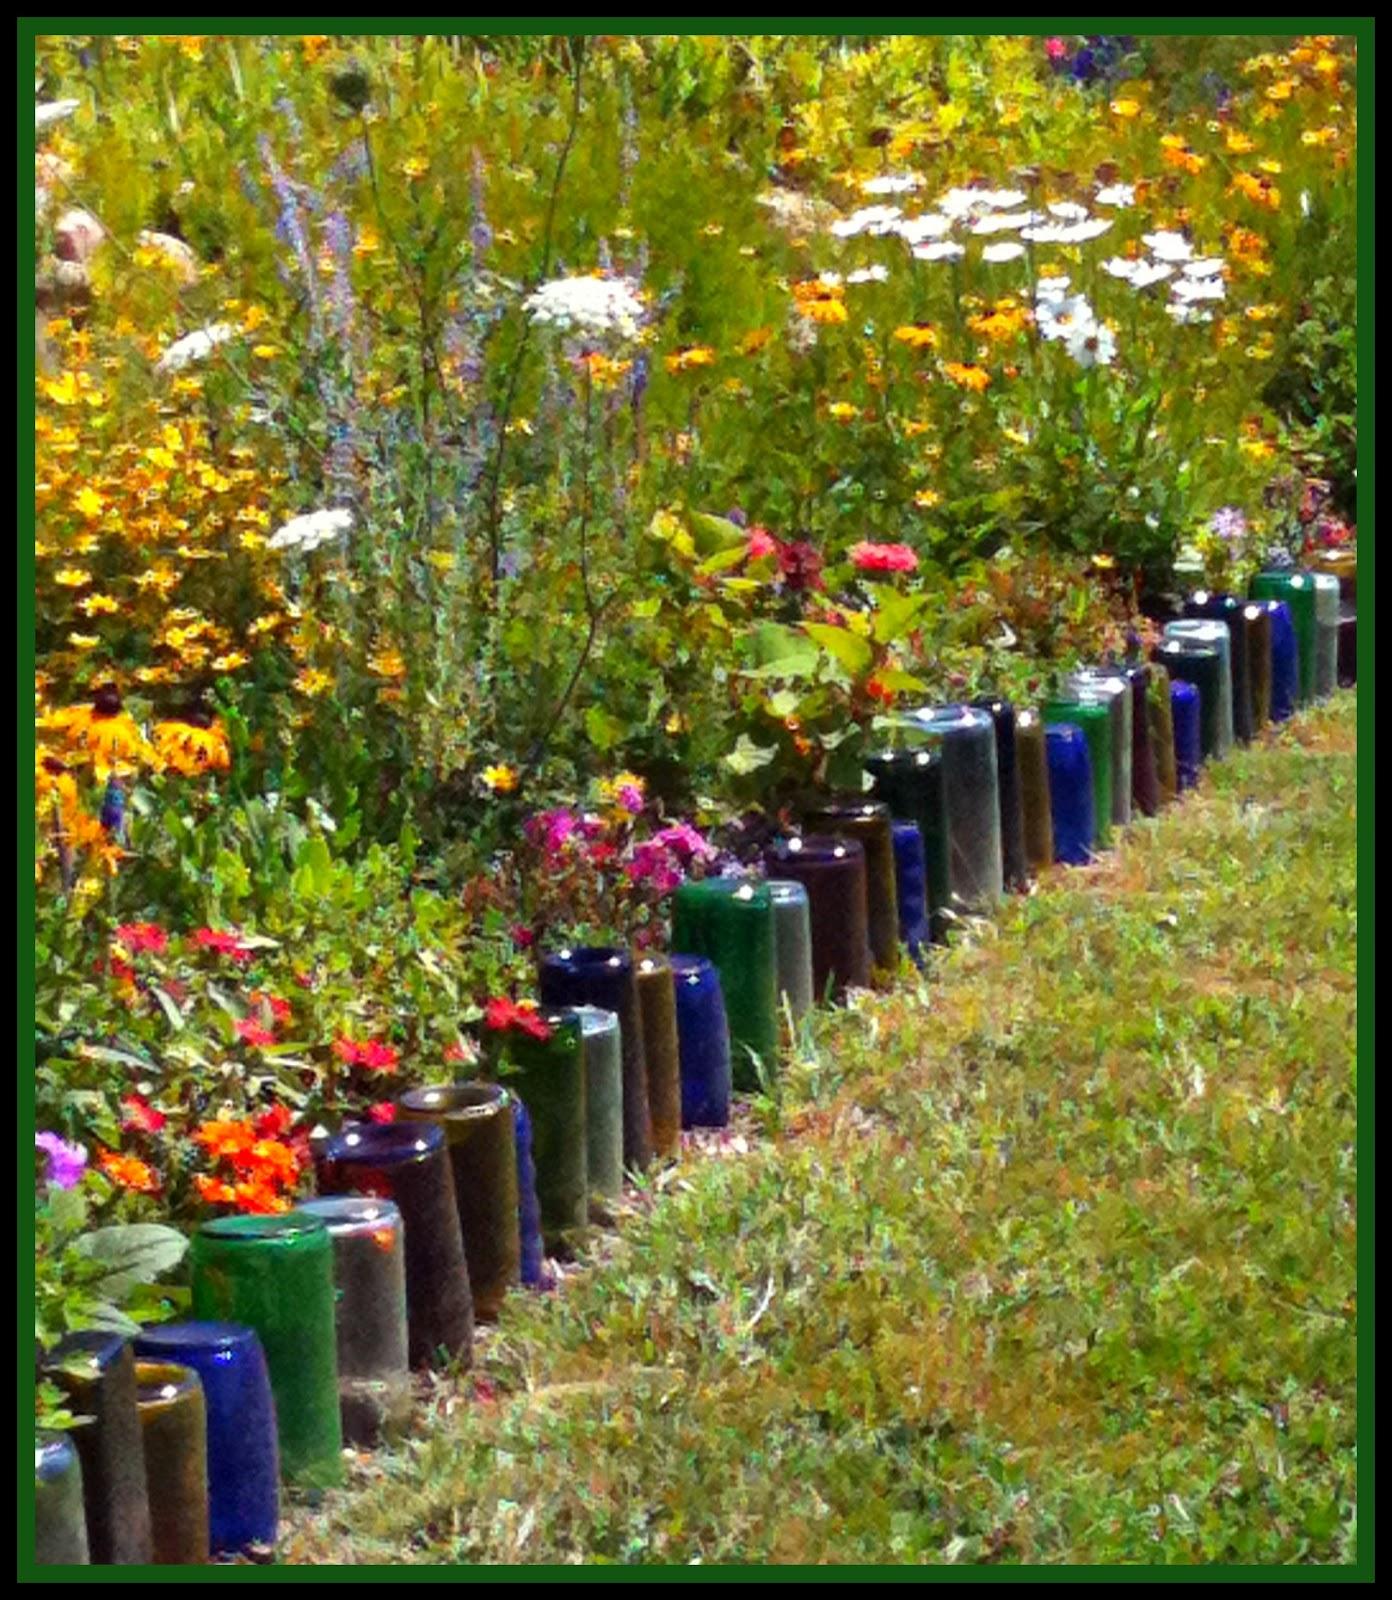 Recicla inventa ideas originales para el jard n - Ideas originales para jardines ...